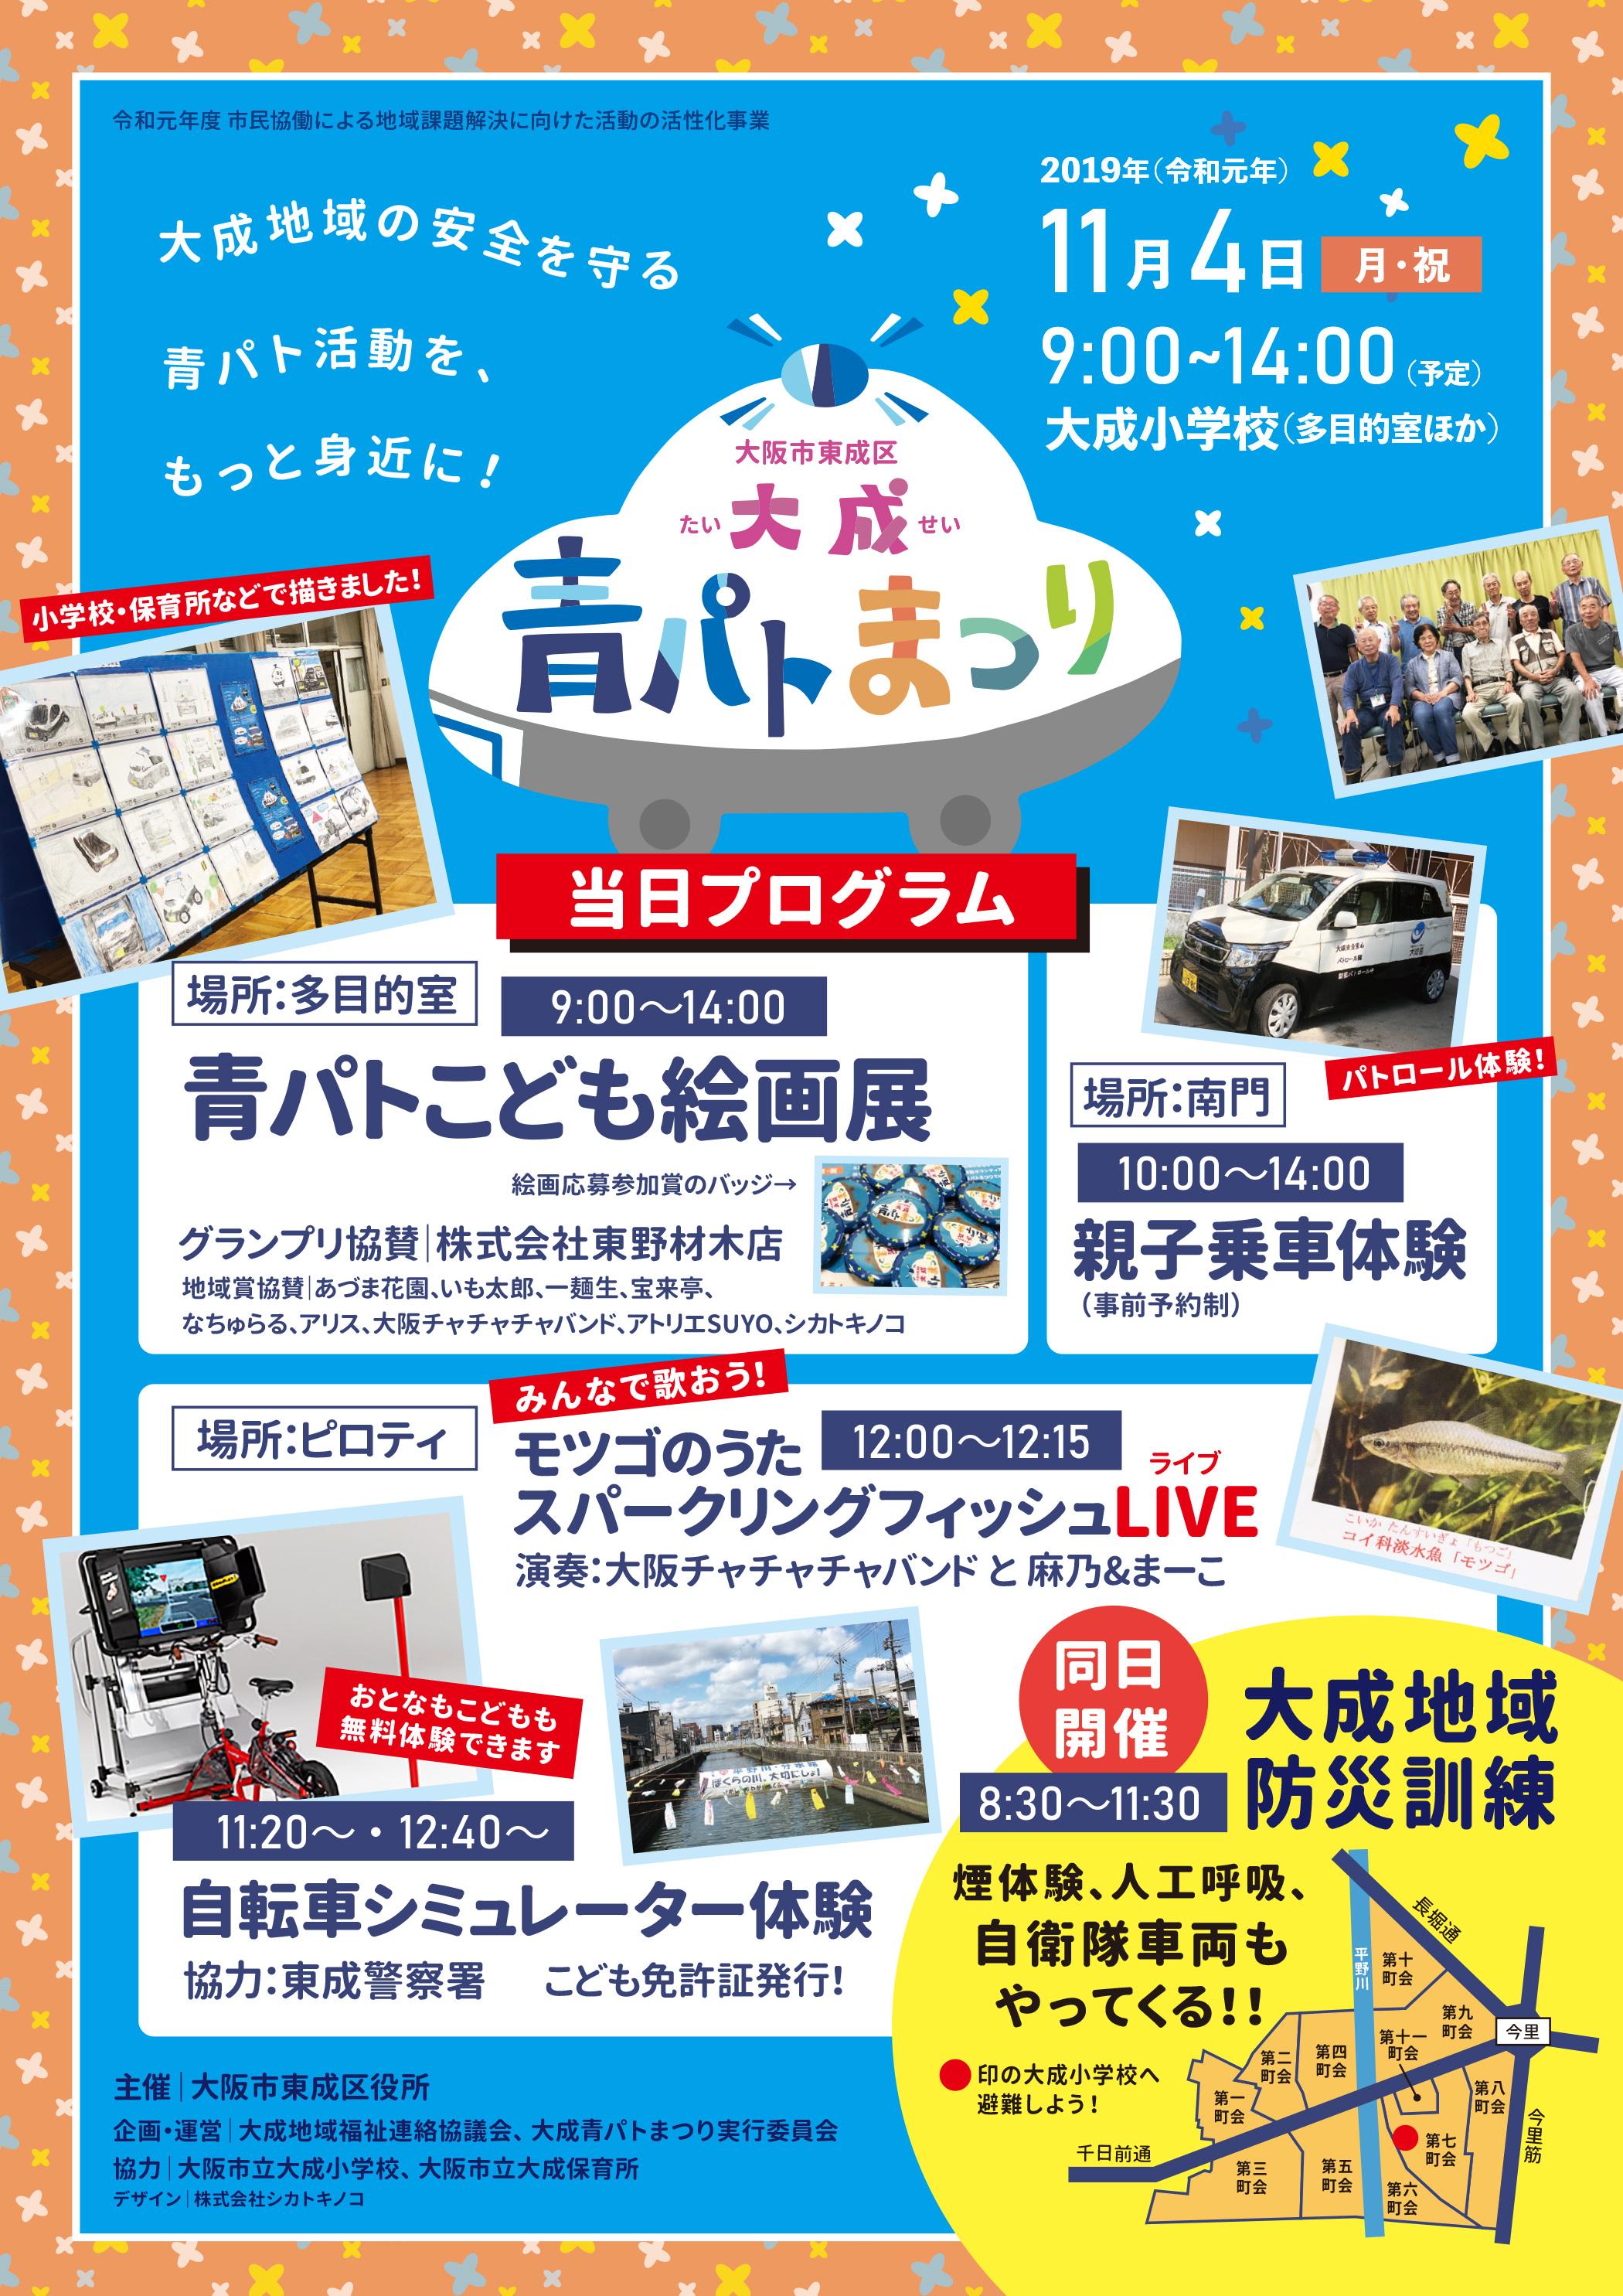 大成青パトまつり(大阪市東成区)大成地域福祉連絡協議会